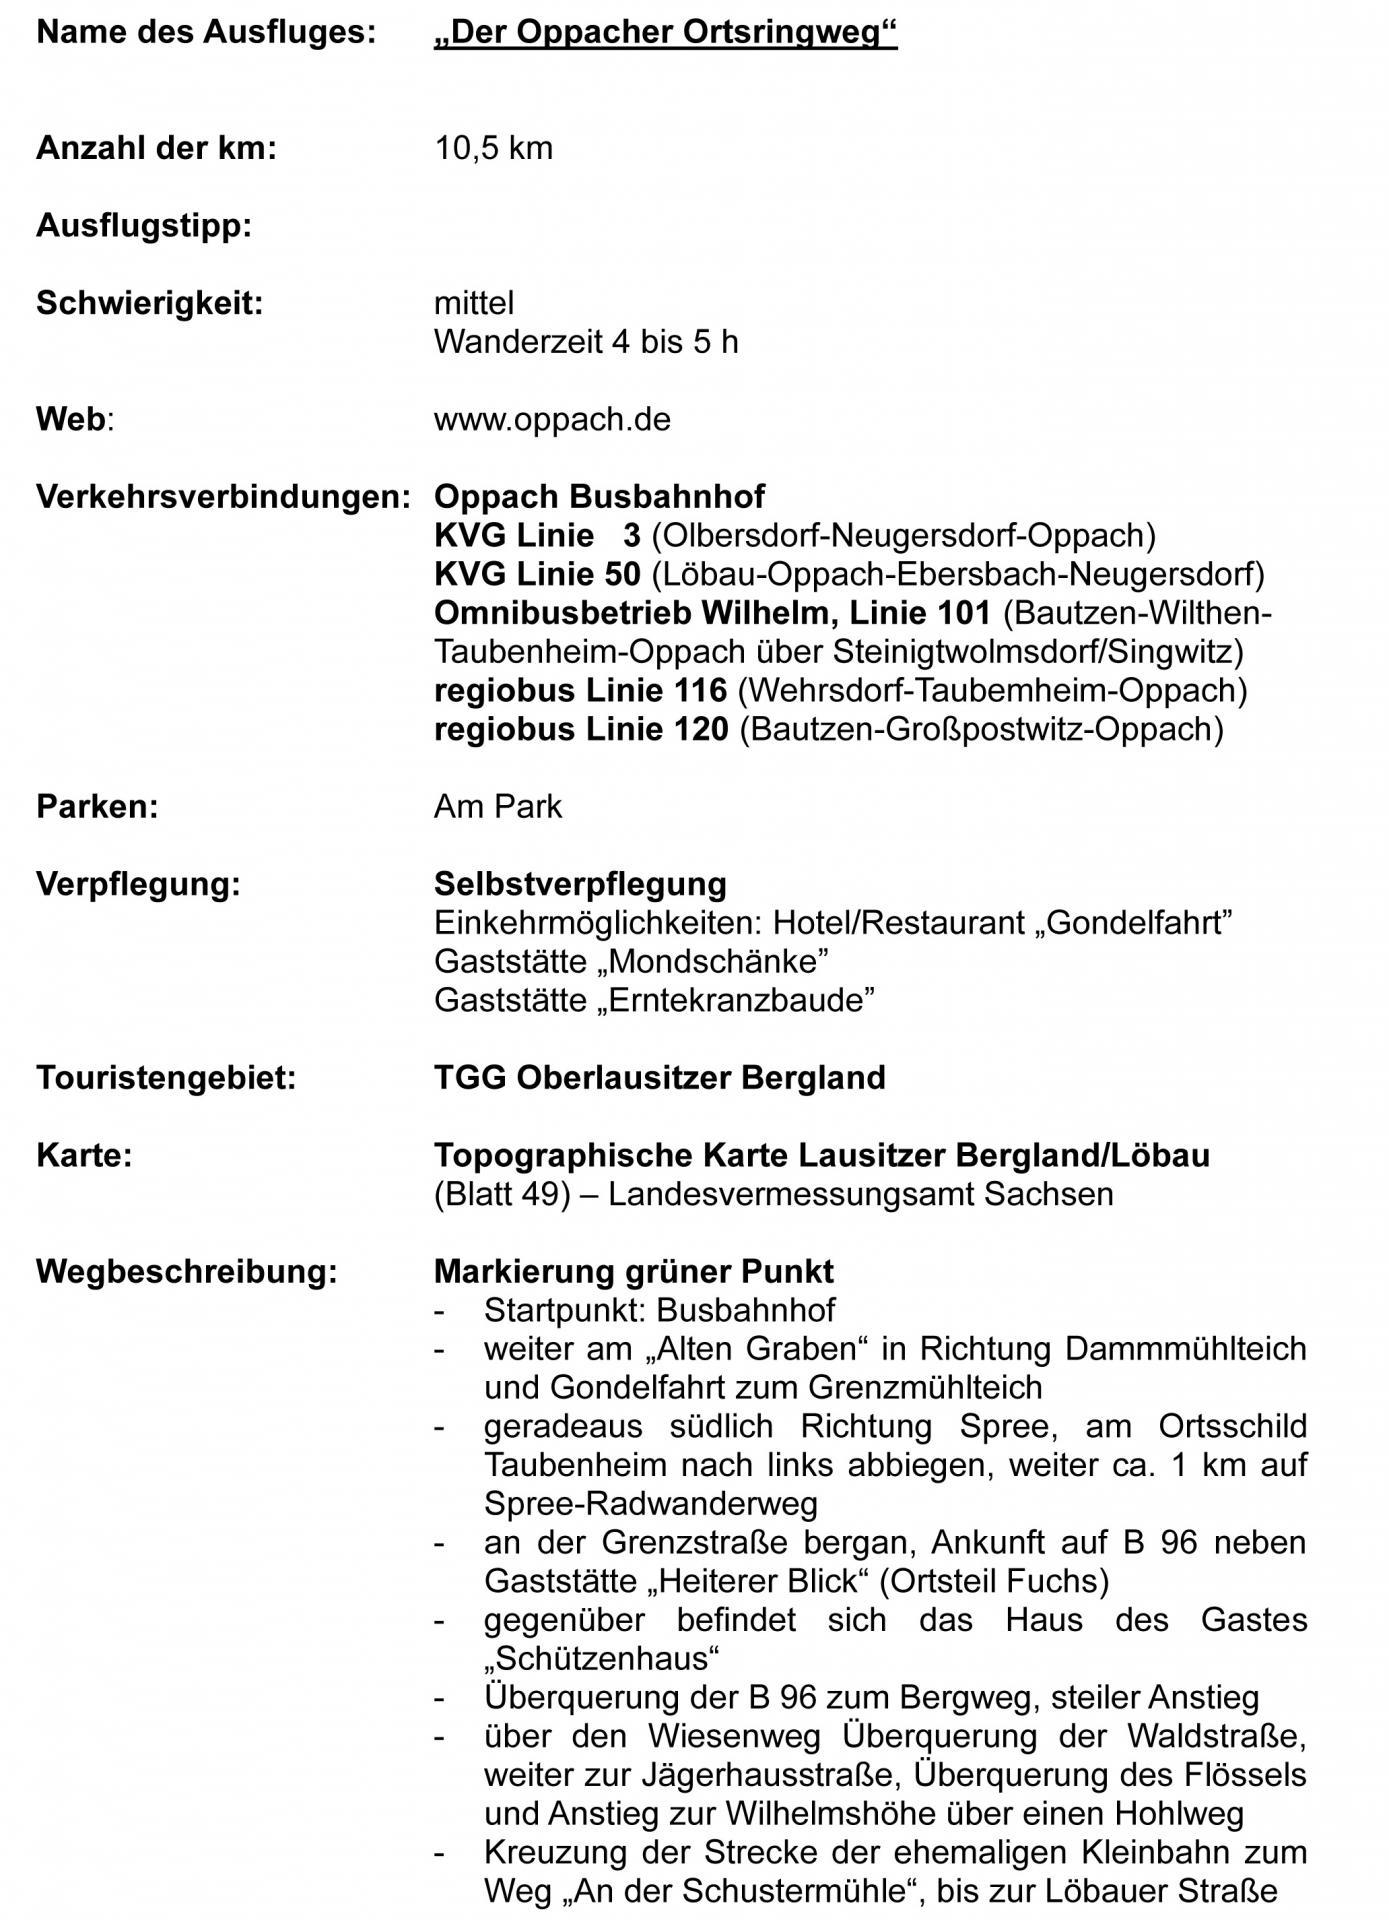 Oppacher Ortsringweg- Kurzbeschreibung 1